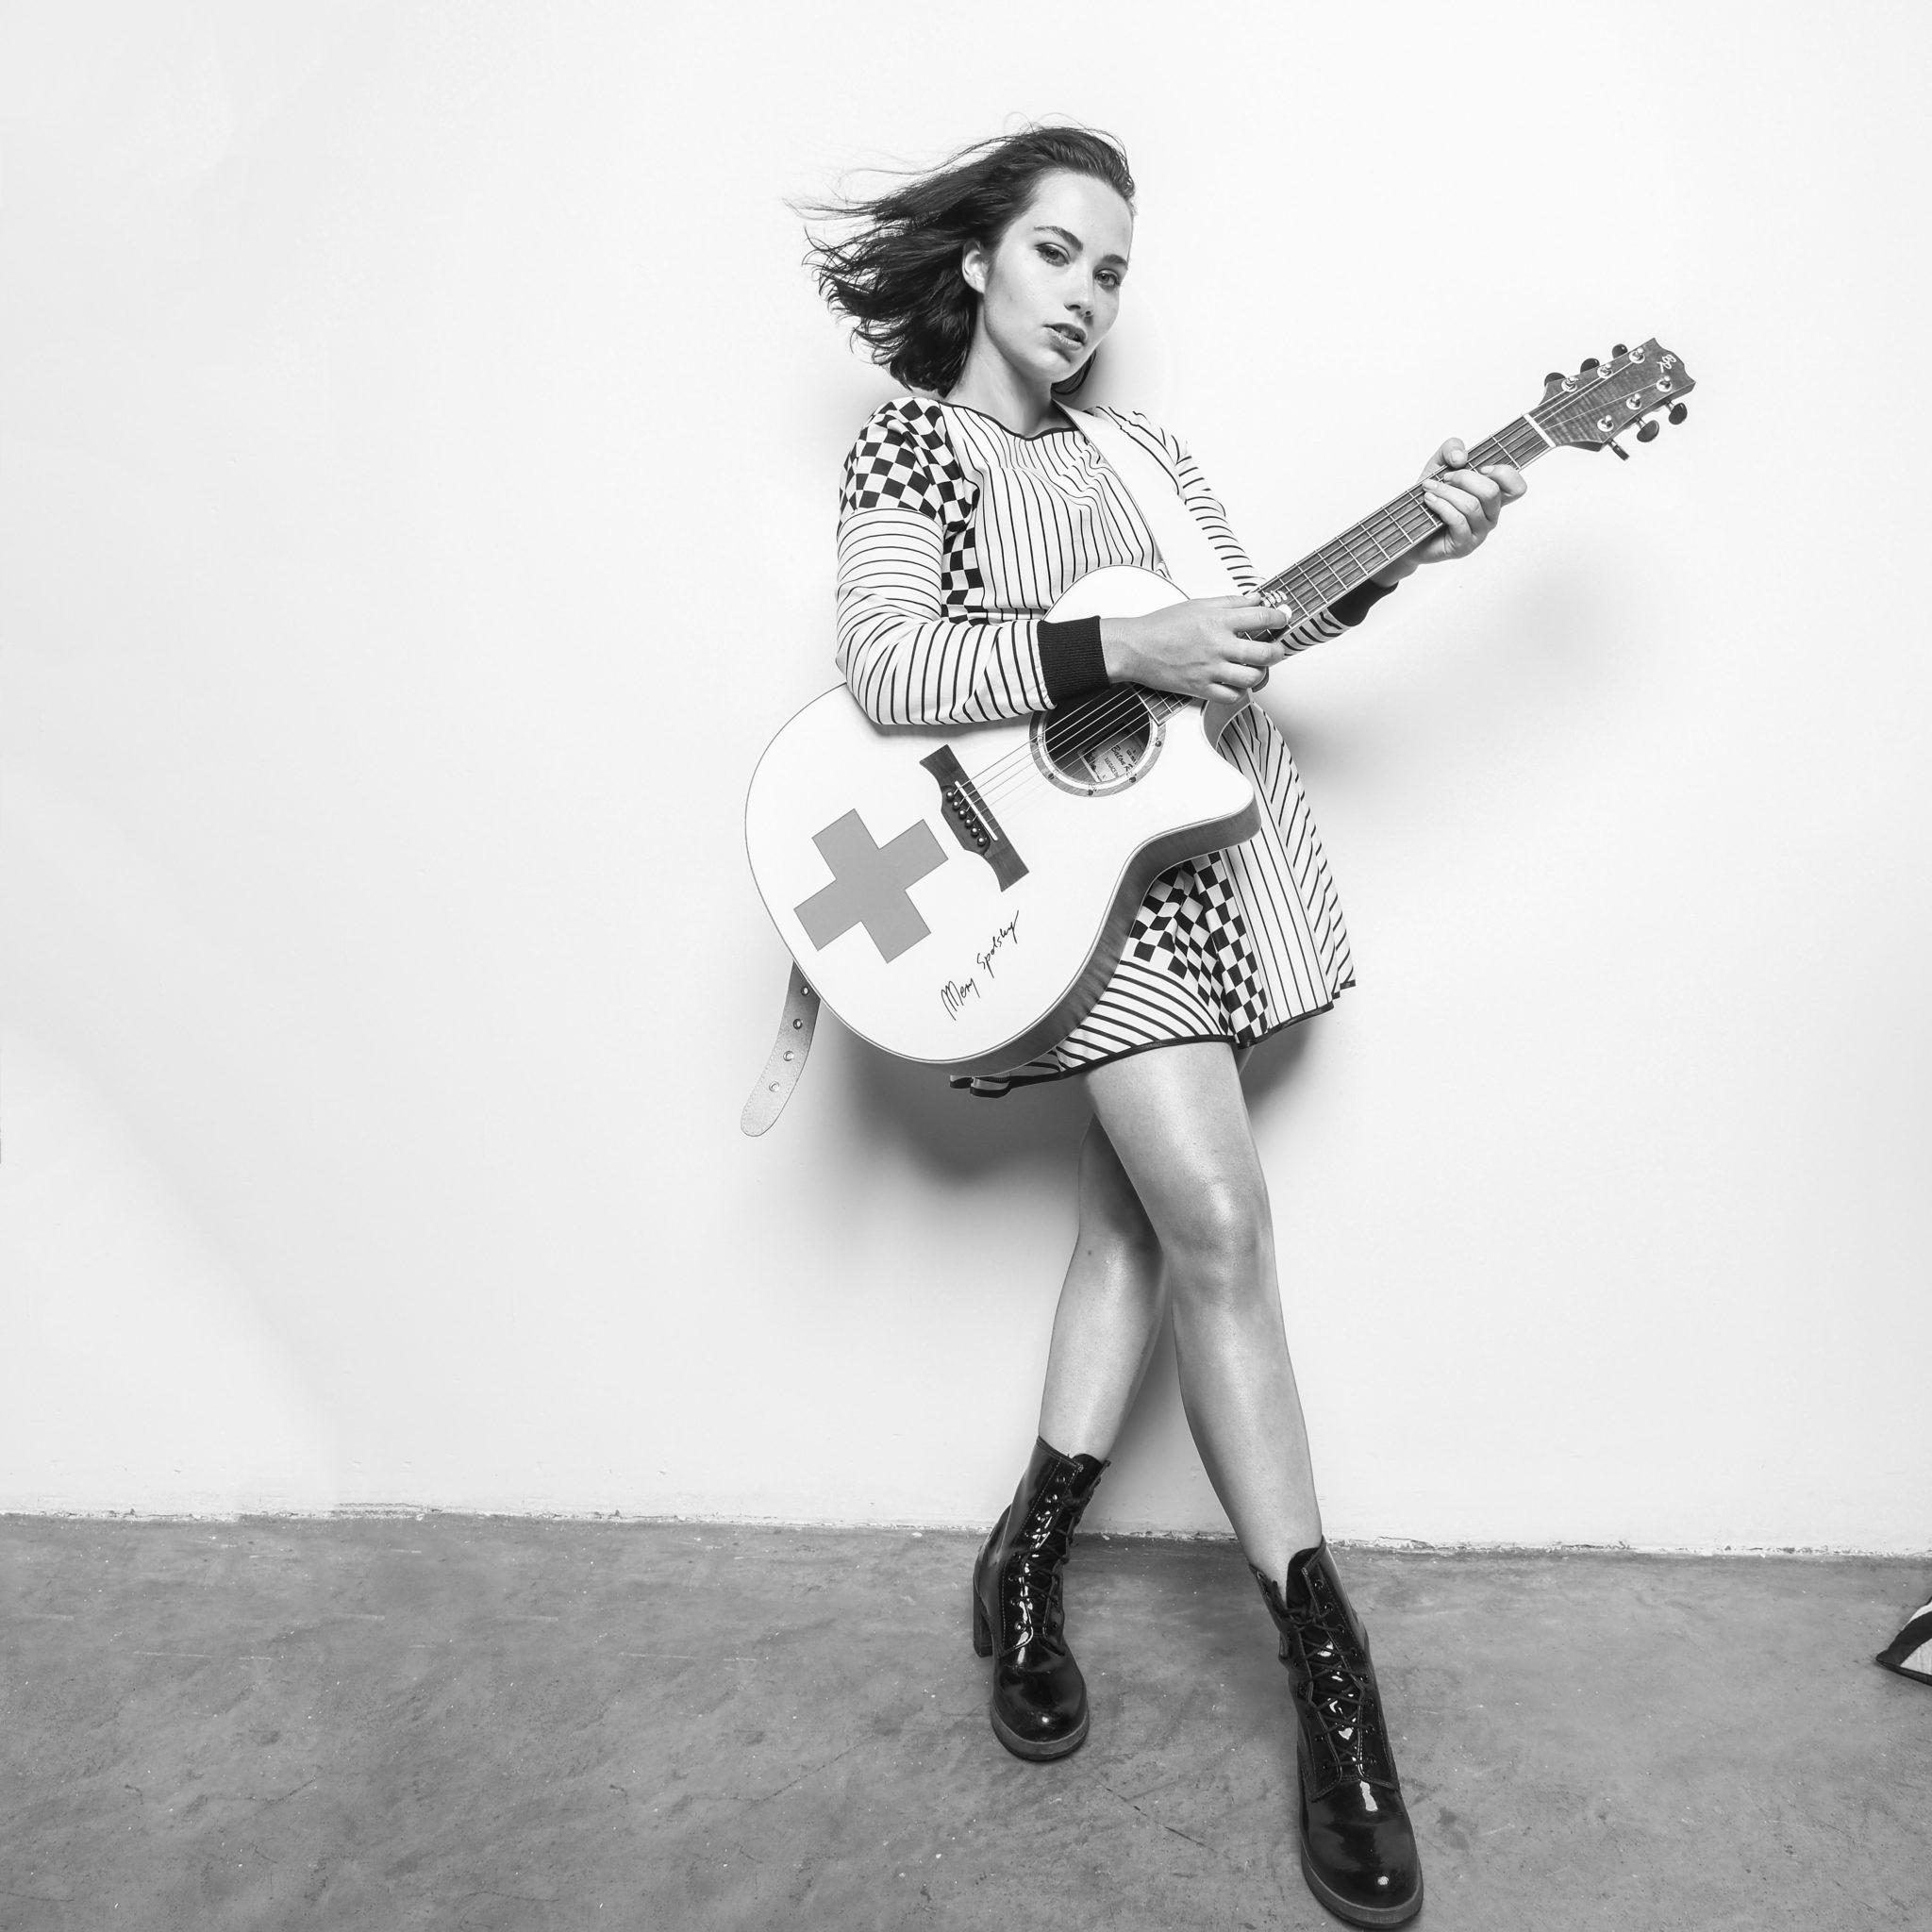 Czarno biale zdjecie na ktorym widac kobiete w krotkich ciemnych wlosach ubrana w sukienke w i czanre buty na tle bialej sciany z gitara w reku